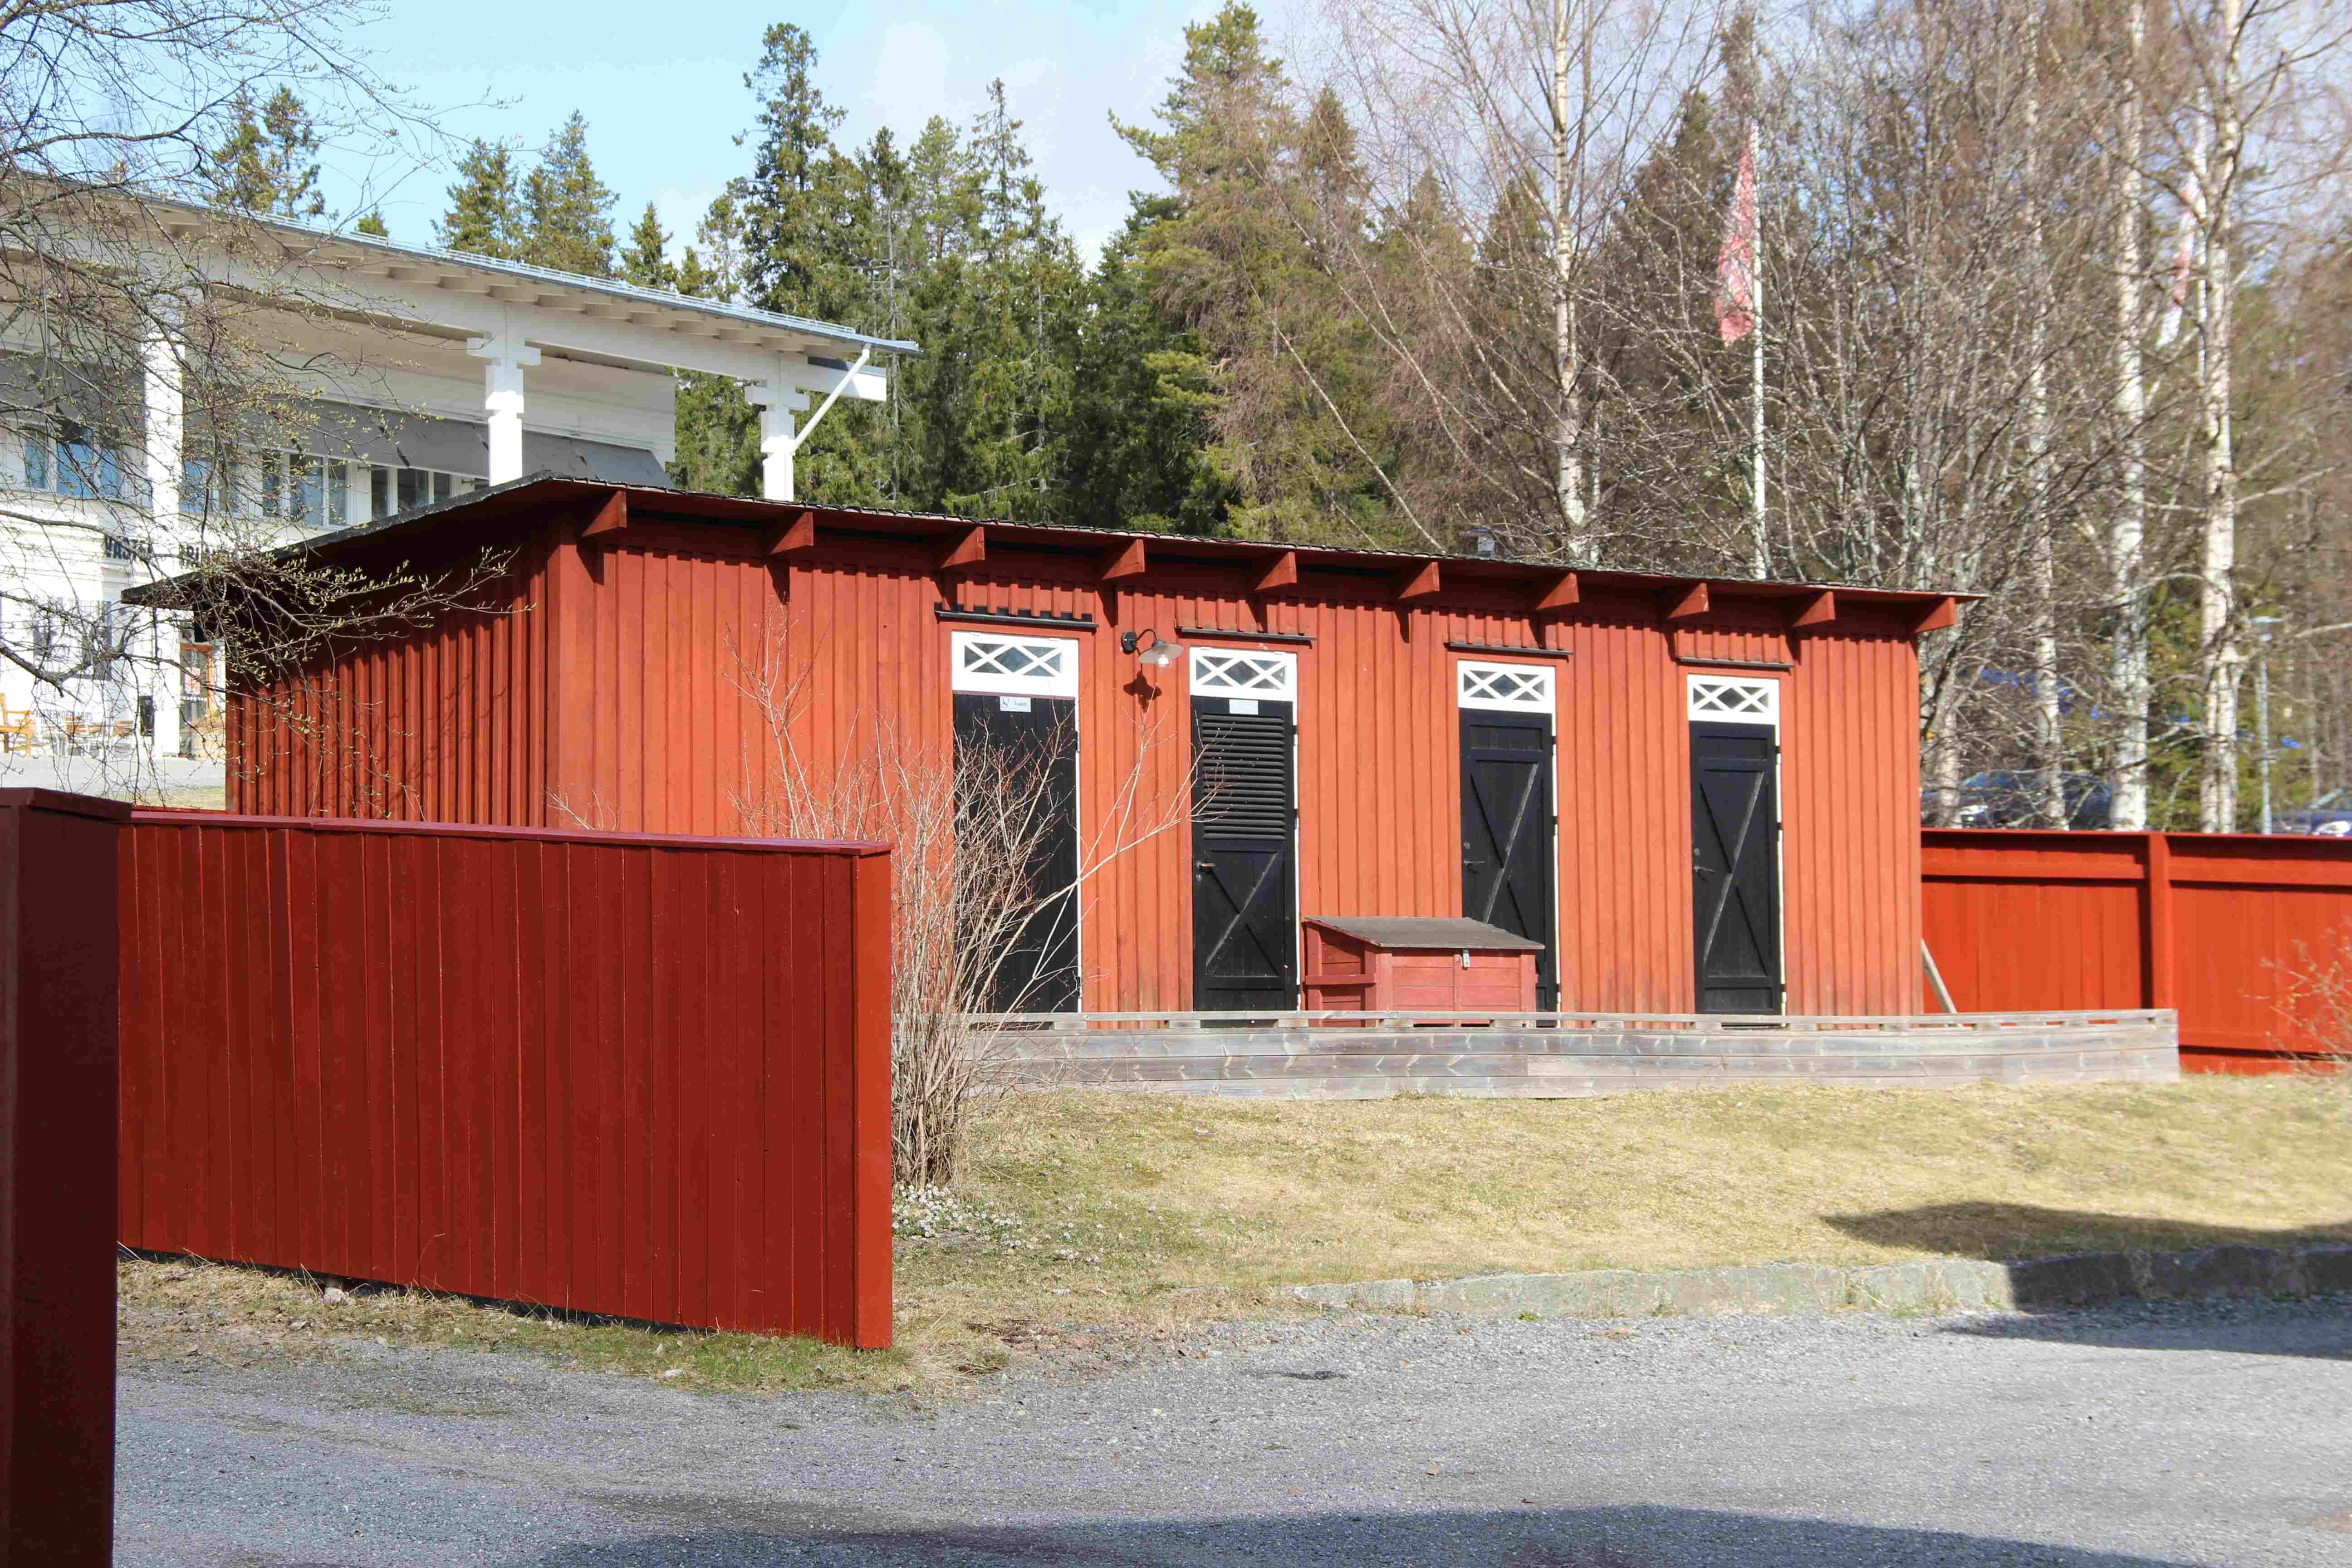 Dasslängan bakom Hellströmska huset är en rödmålad byggnad med fyra svarta dörrar med vita överljus. Taket är ett pappklätt pulpettak. Byggnaden omges av röda plank. I bakgrunden skymtar museibyggnaden.